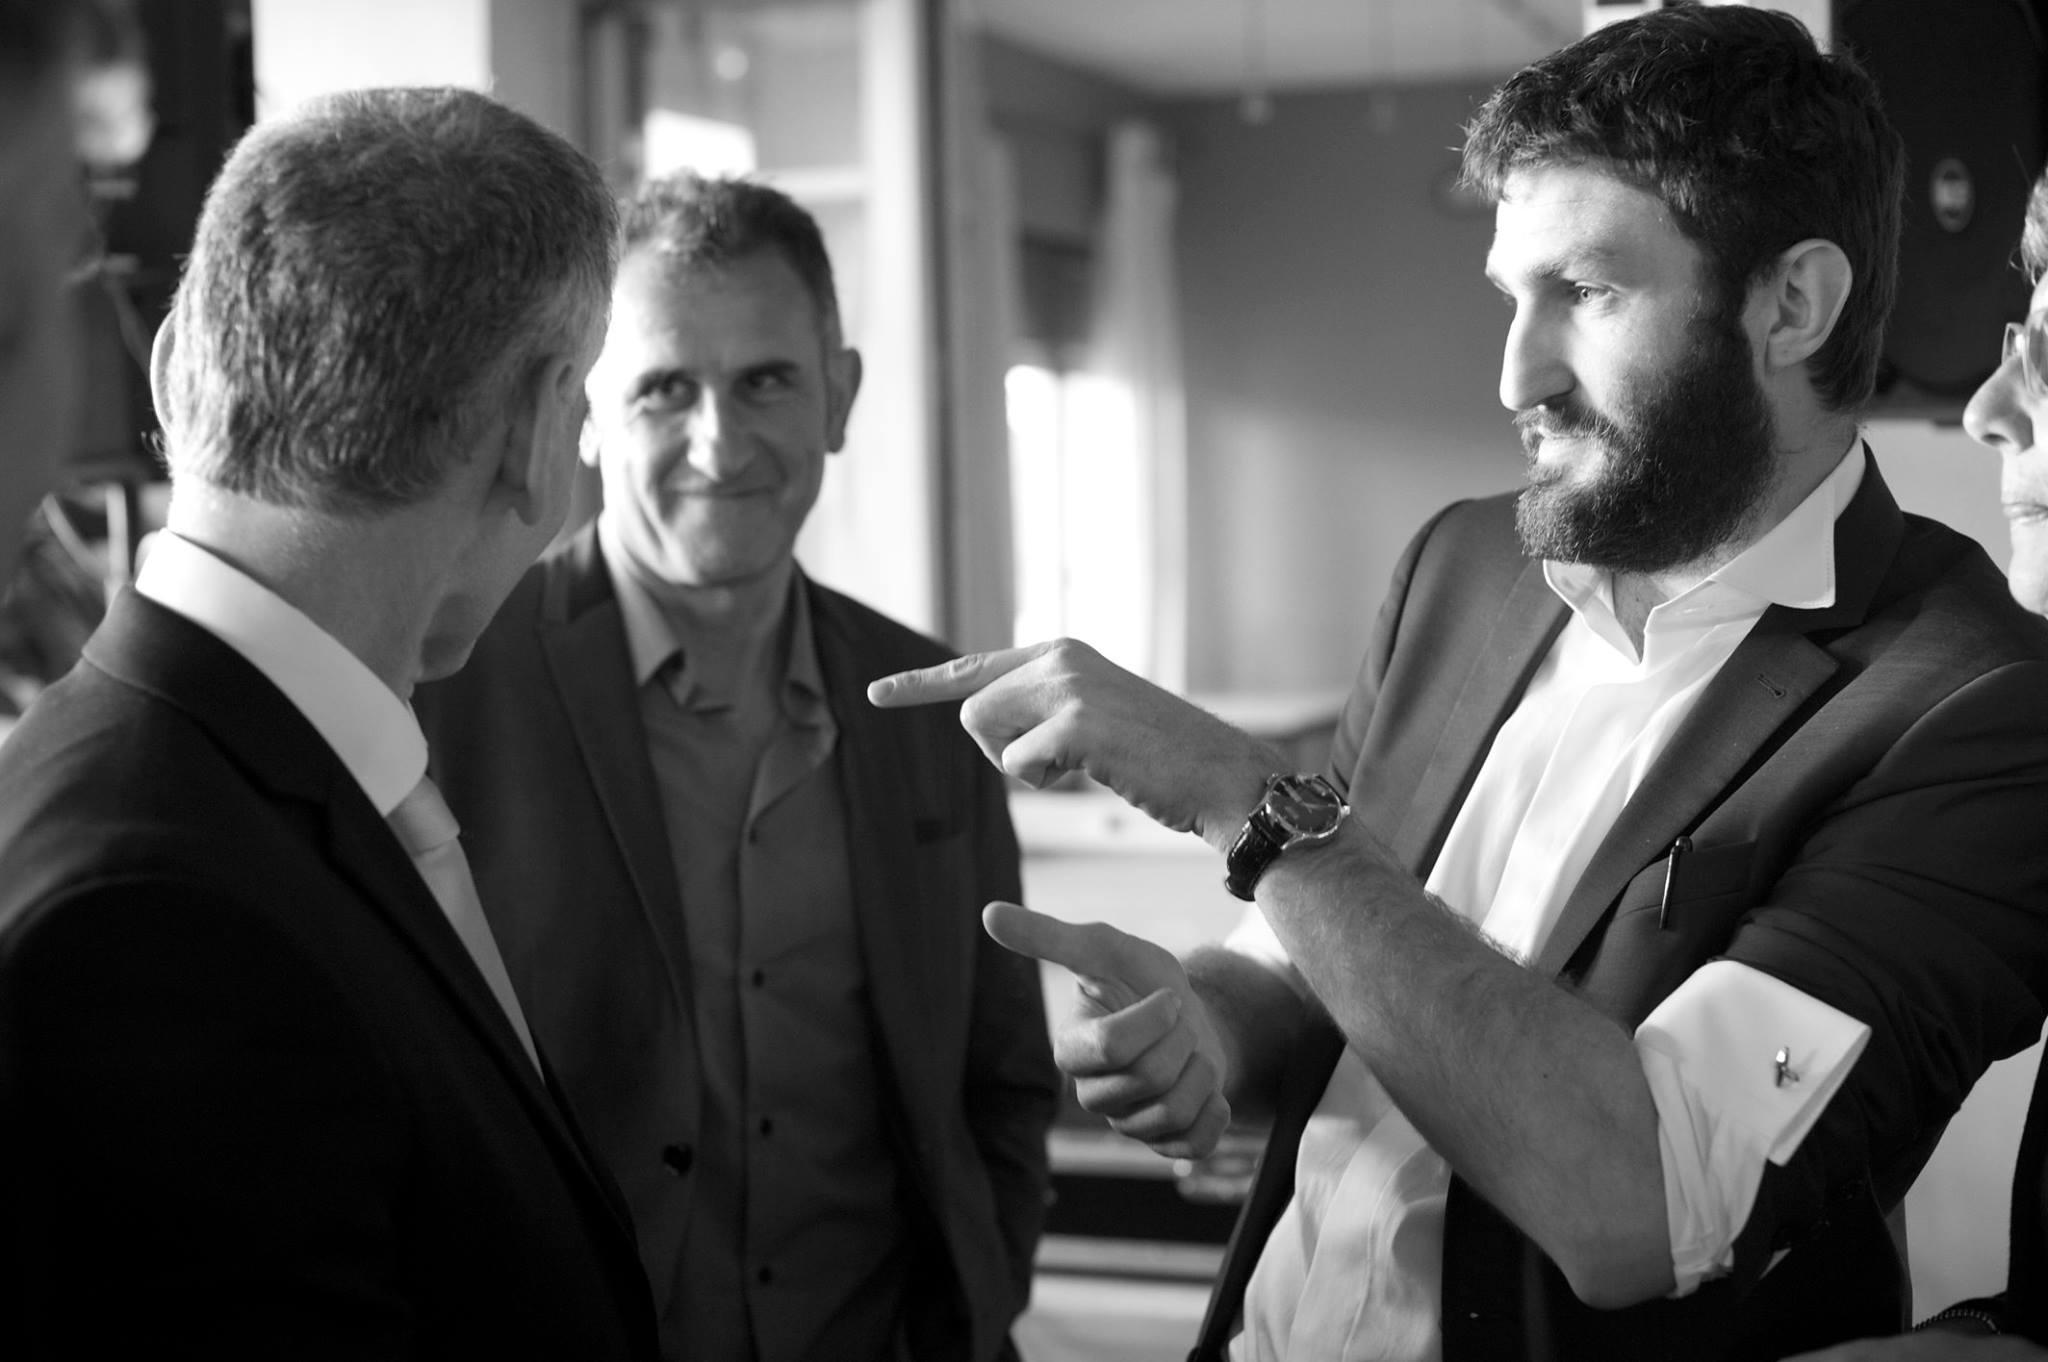 Inauguration d'entreprise Genève magicien